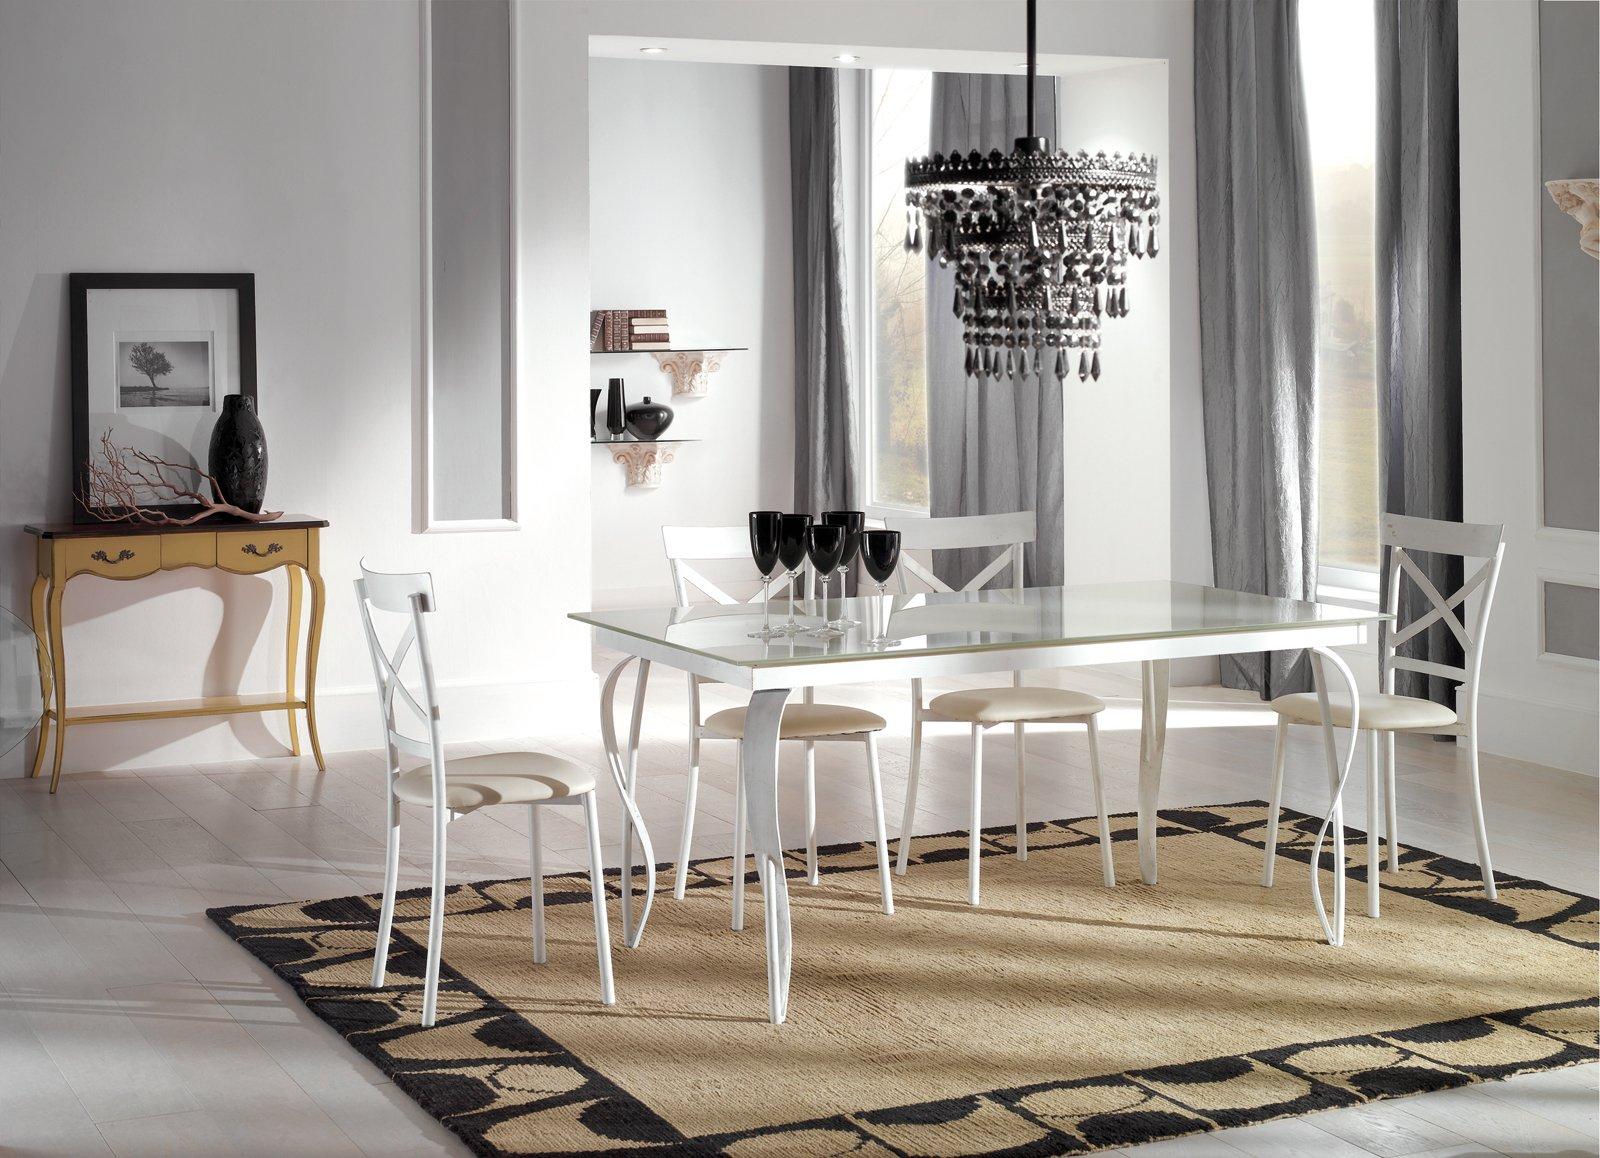 Letto singolo ferro battuto bianco for Tavolini trasformabili ikea